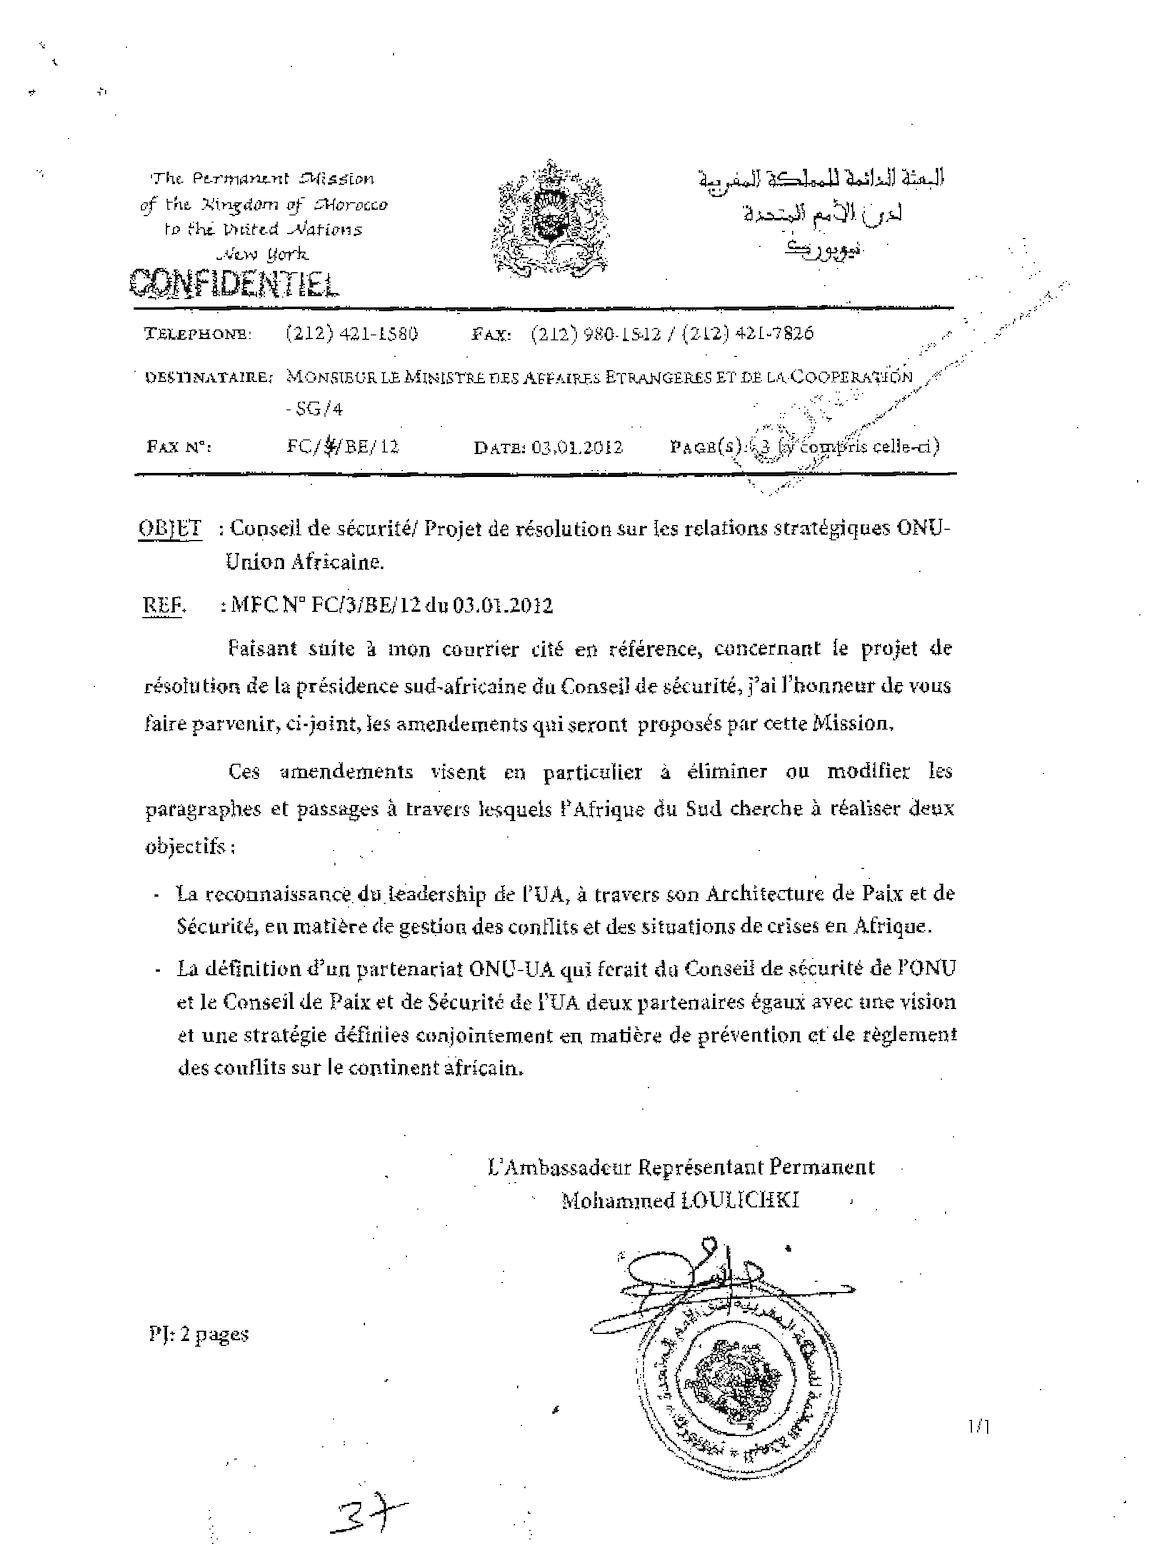 New York- Conseil De Sécurité Projet De Résolution Sur Les Relations Stratégiques ONU Union Africaine